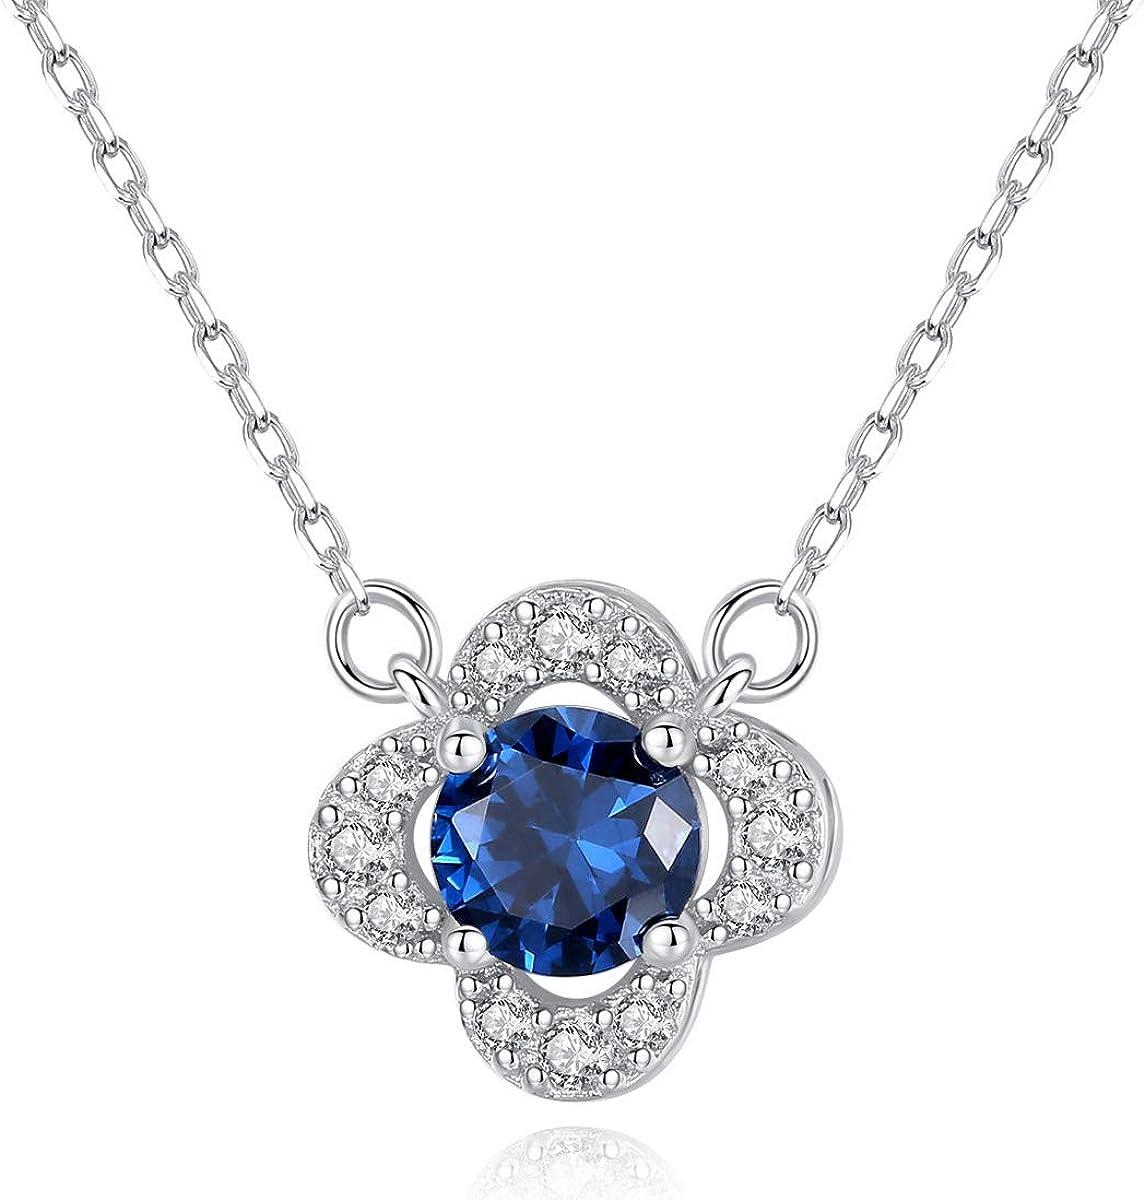 GLJIJID Exquisito Collar de Plata de Ley S925 con Colgante de Piedras Preciosas de Sri Lanka 1.0 * 1.0cm Azul